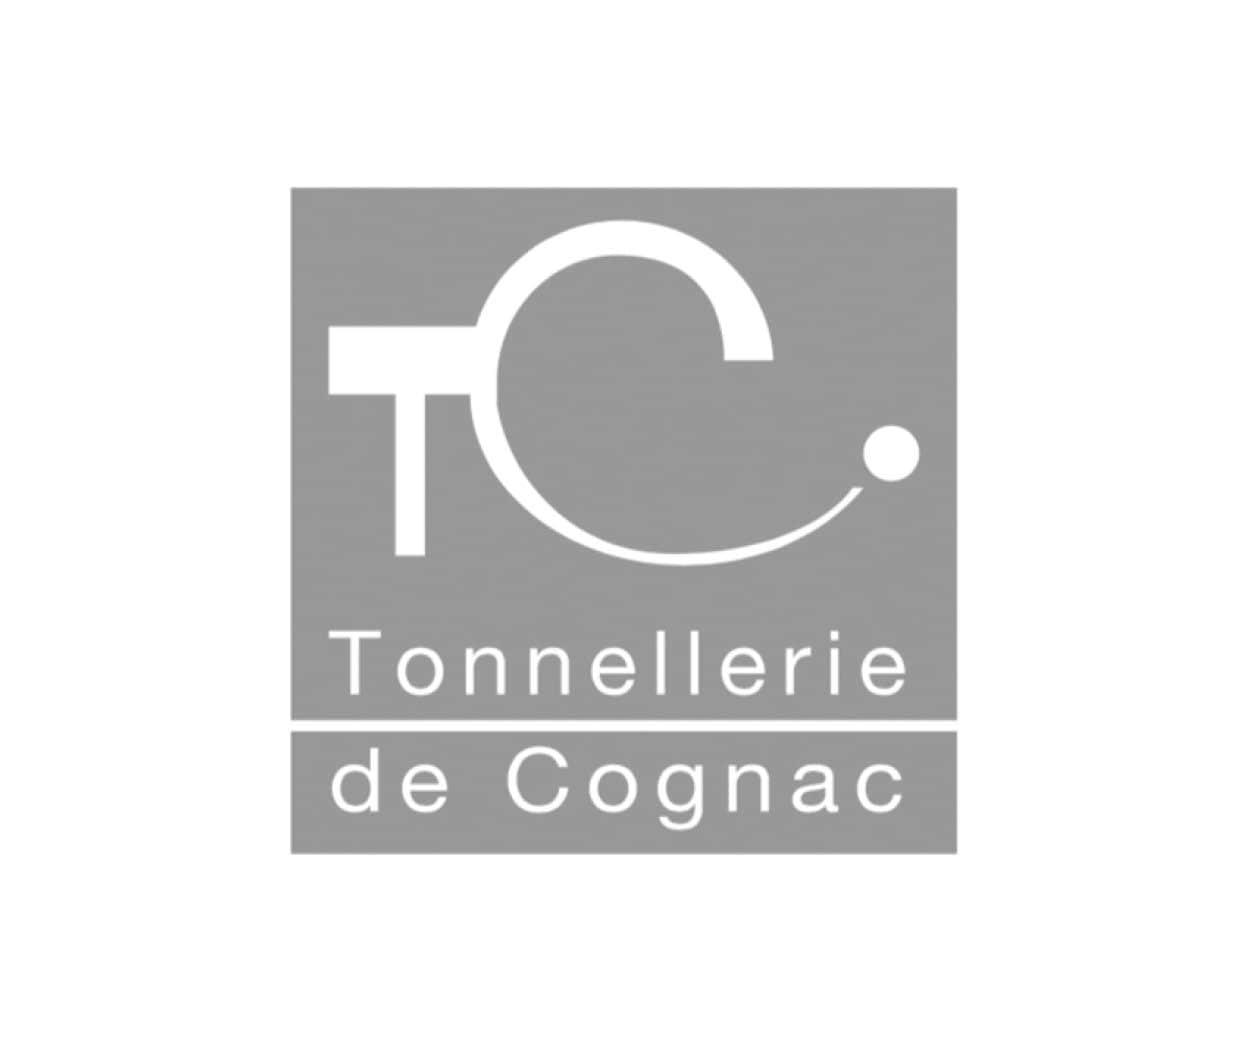 Tonnellerie de Cognac